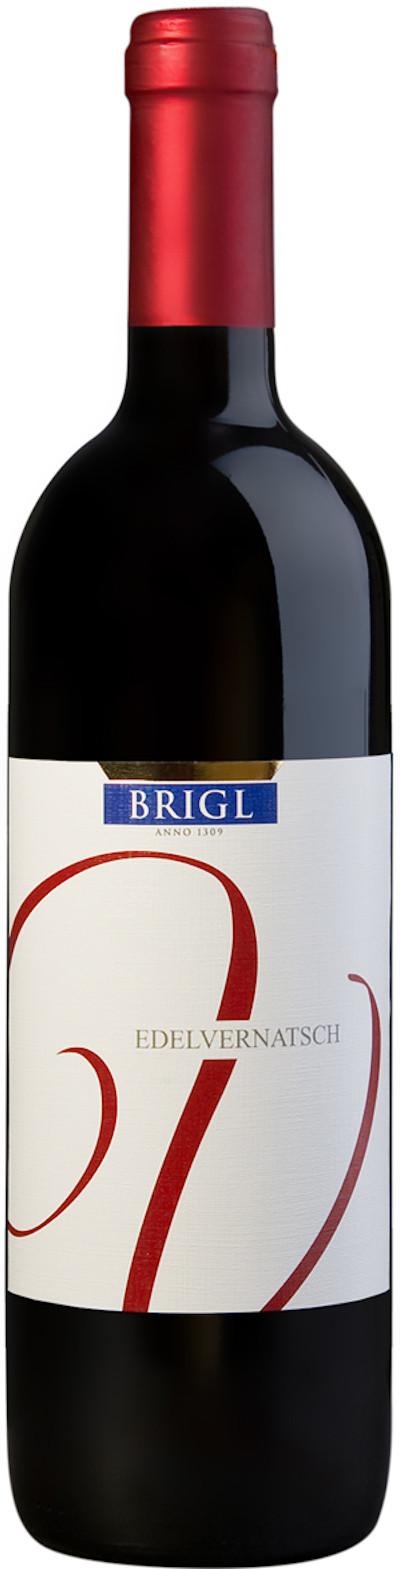 Brigl - Edelvernatsch DOP